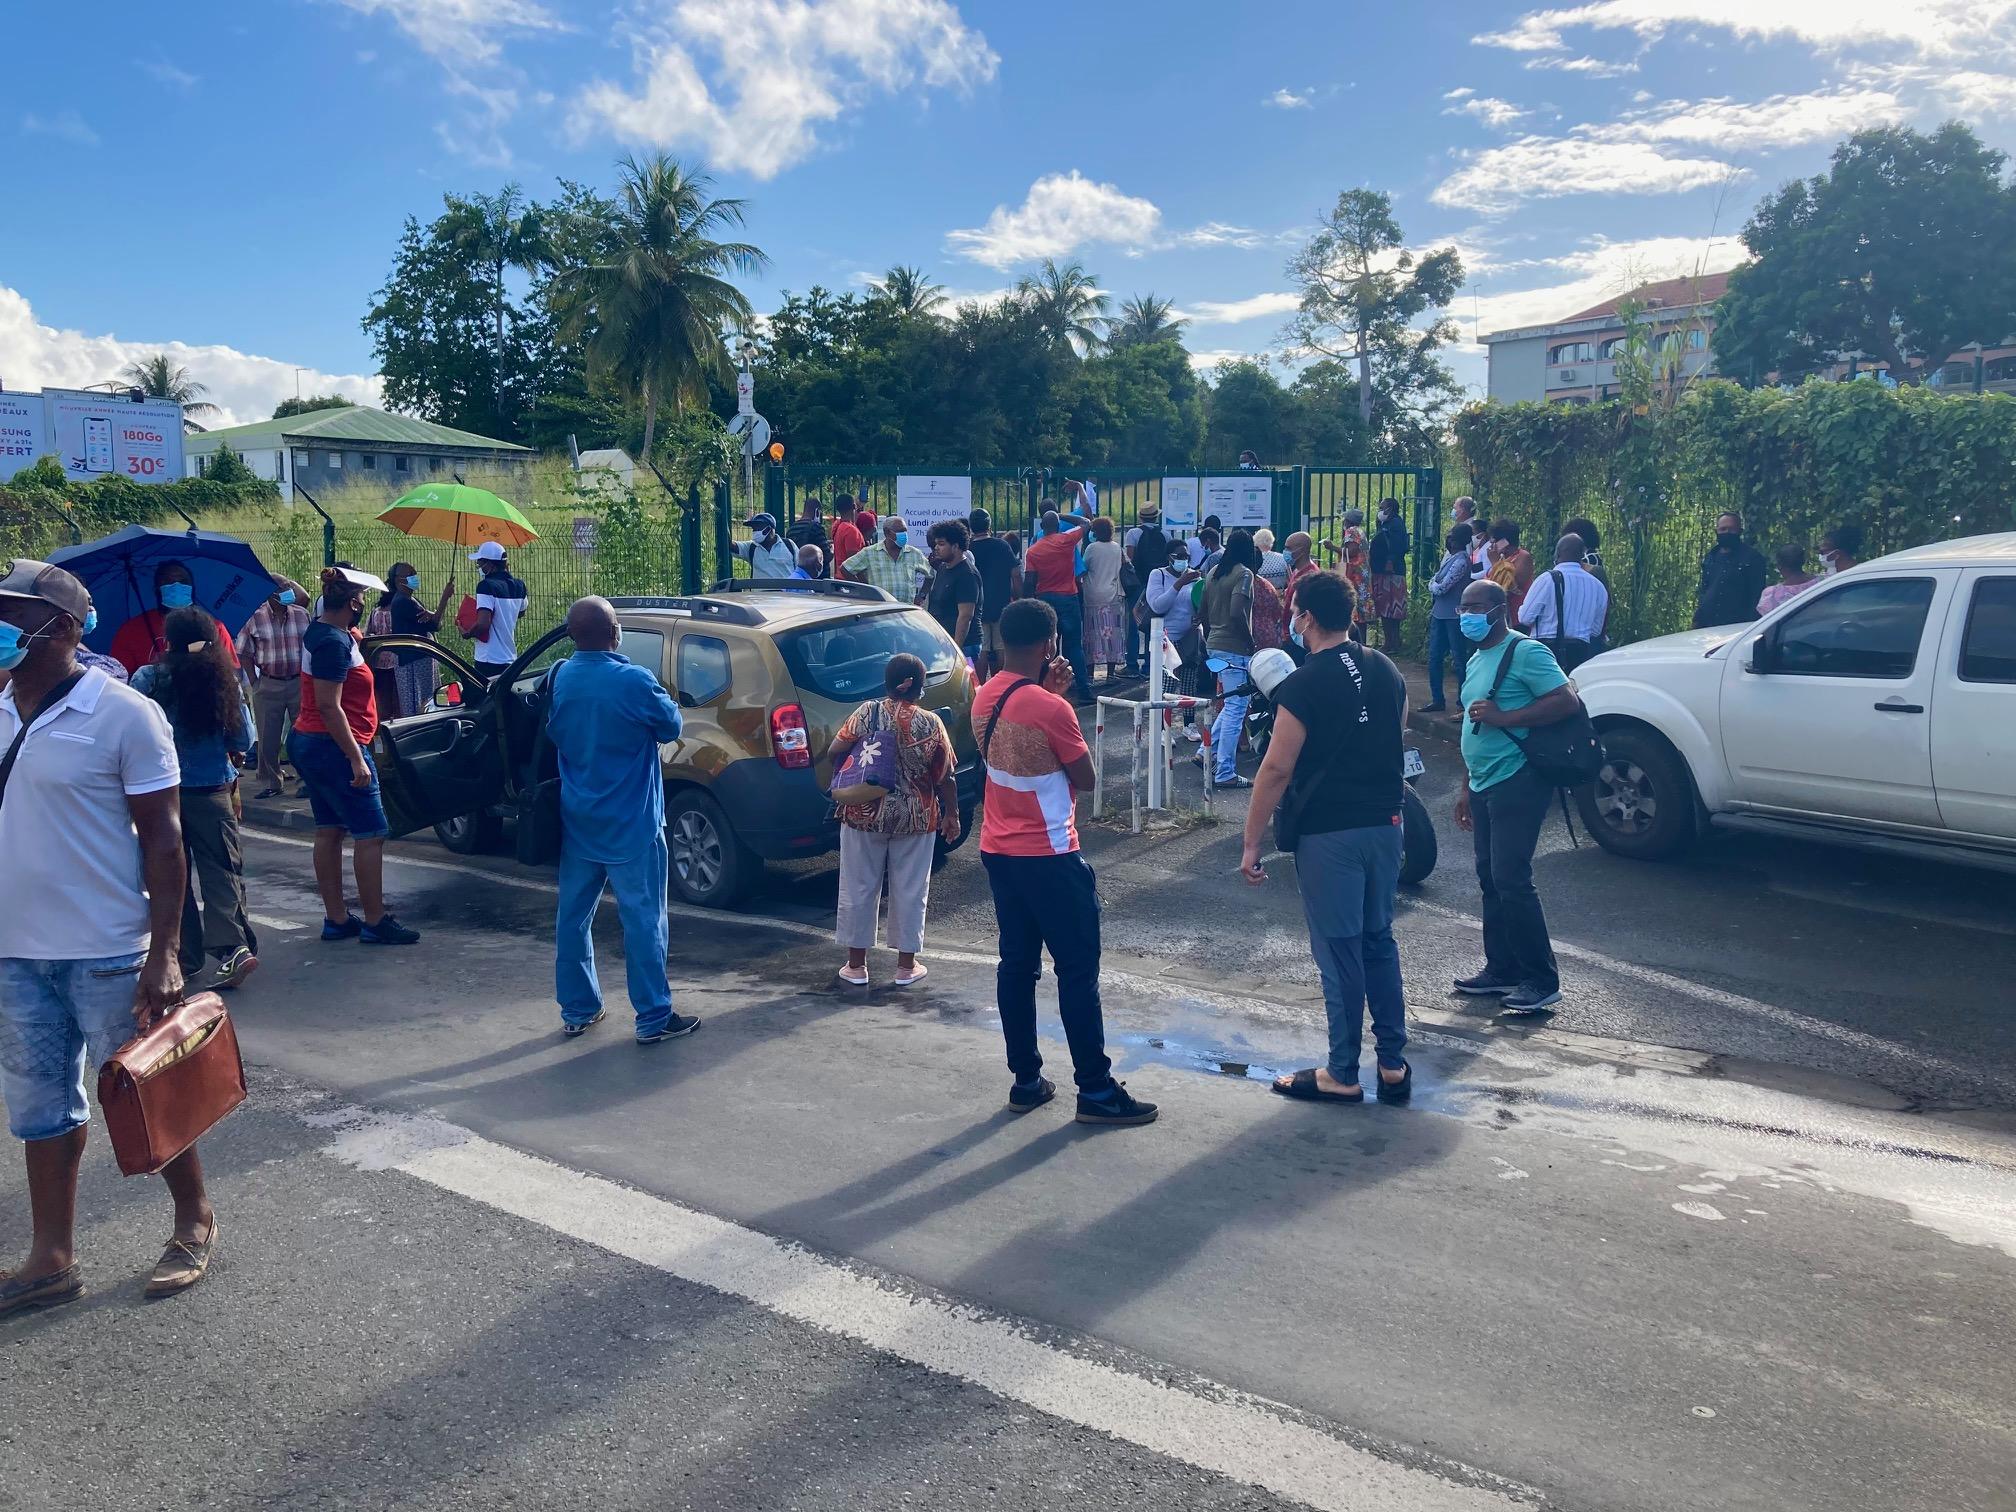 Blocage routier devant les impôts suite à un mouvement d'usagers